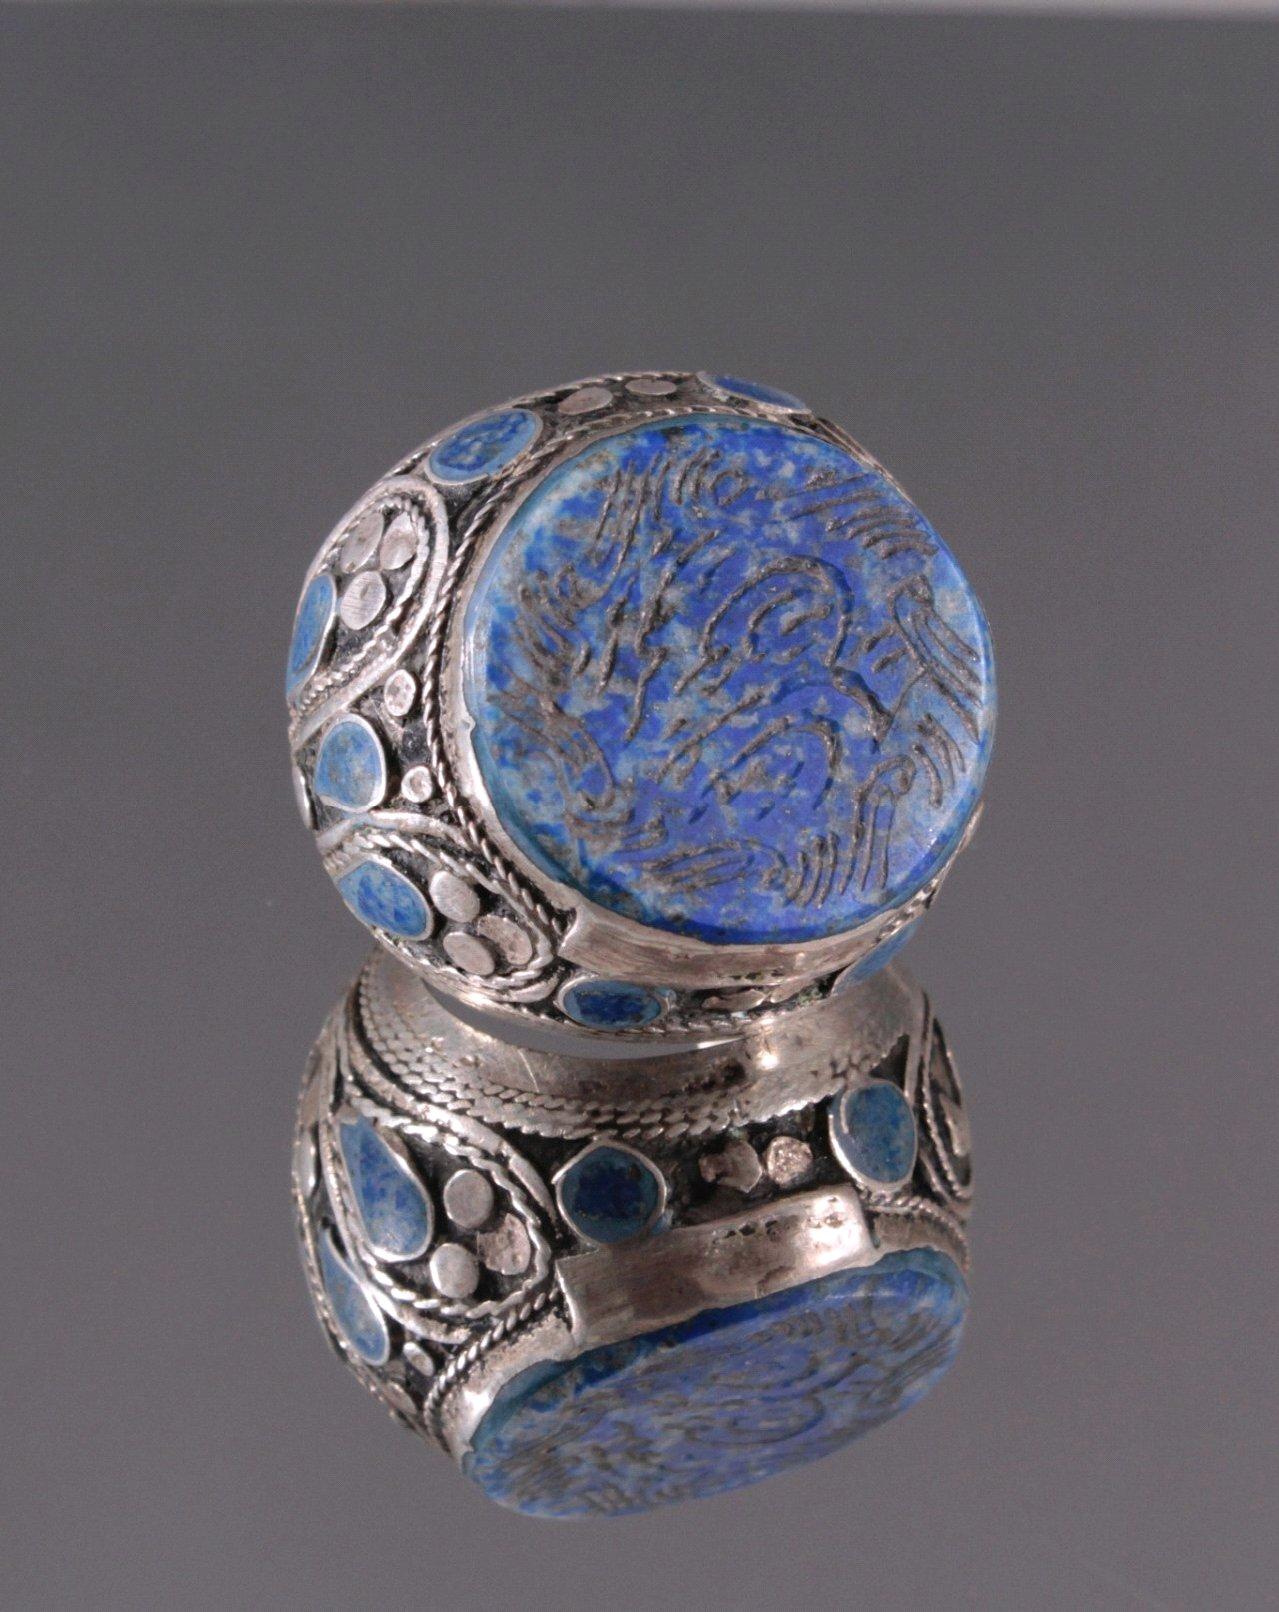 Siegelring, Silber mit Lapislazuli, Afghanistan